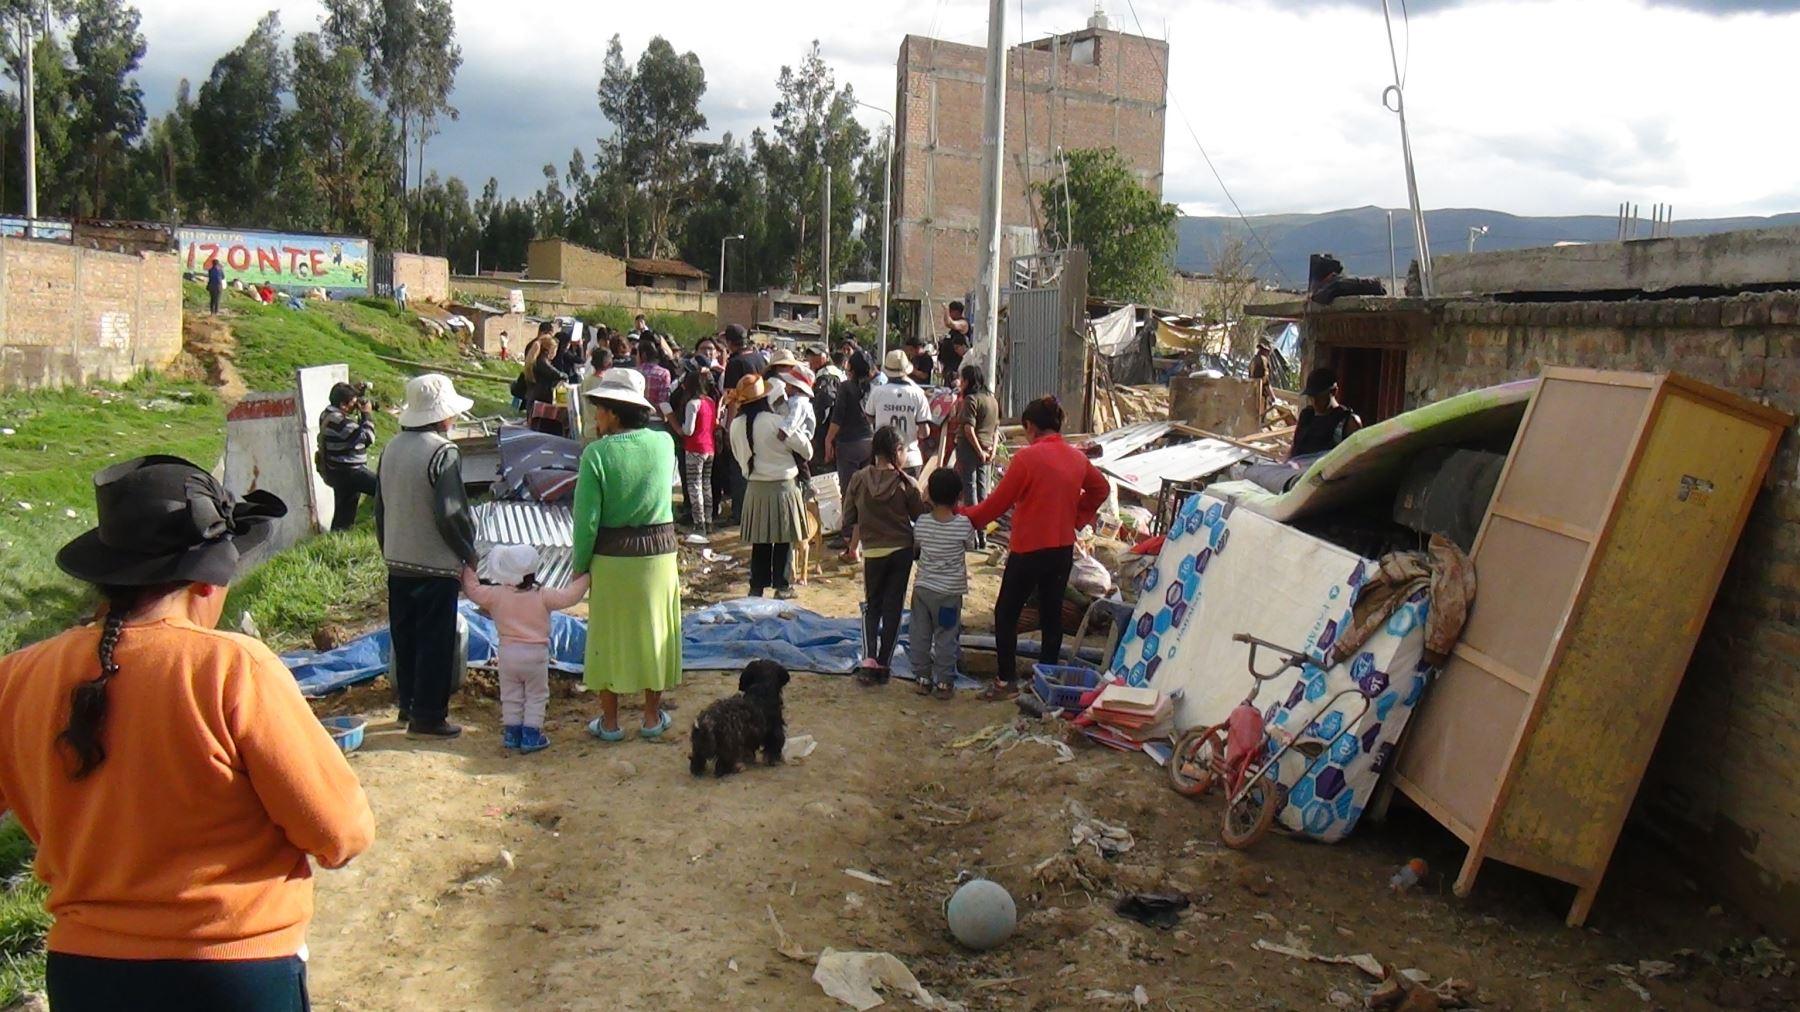 Se entregaron más de 300 calaminas, 150 frazadas, baldes, planchas de tripley, menajes, entre otros bienes.